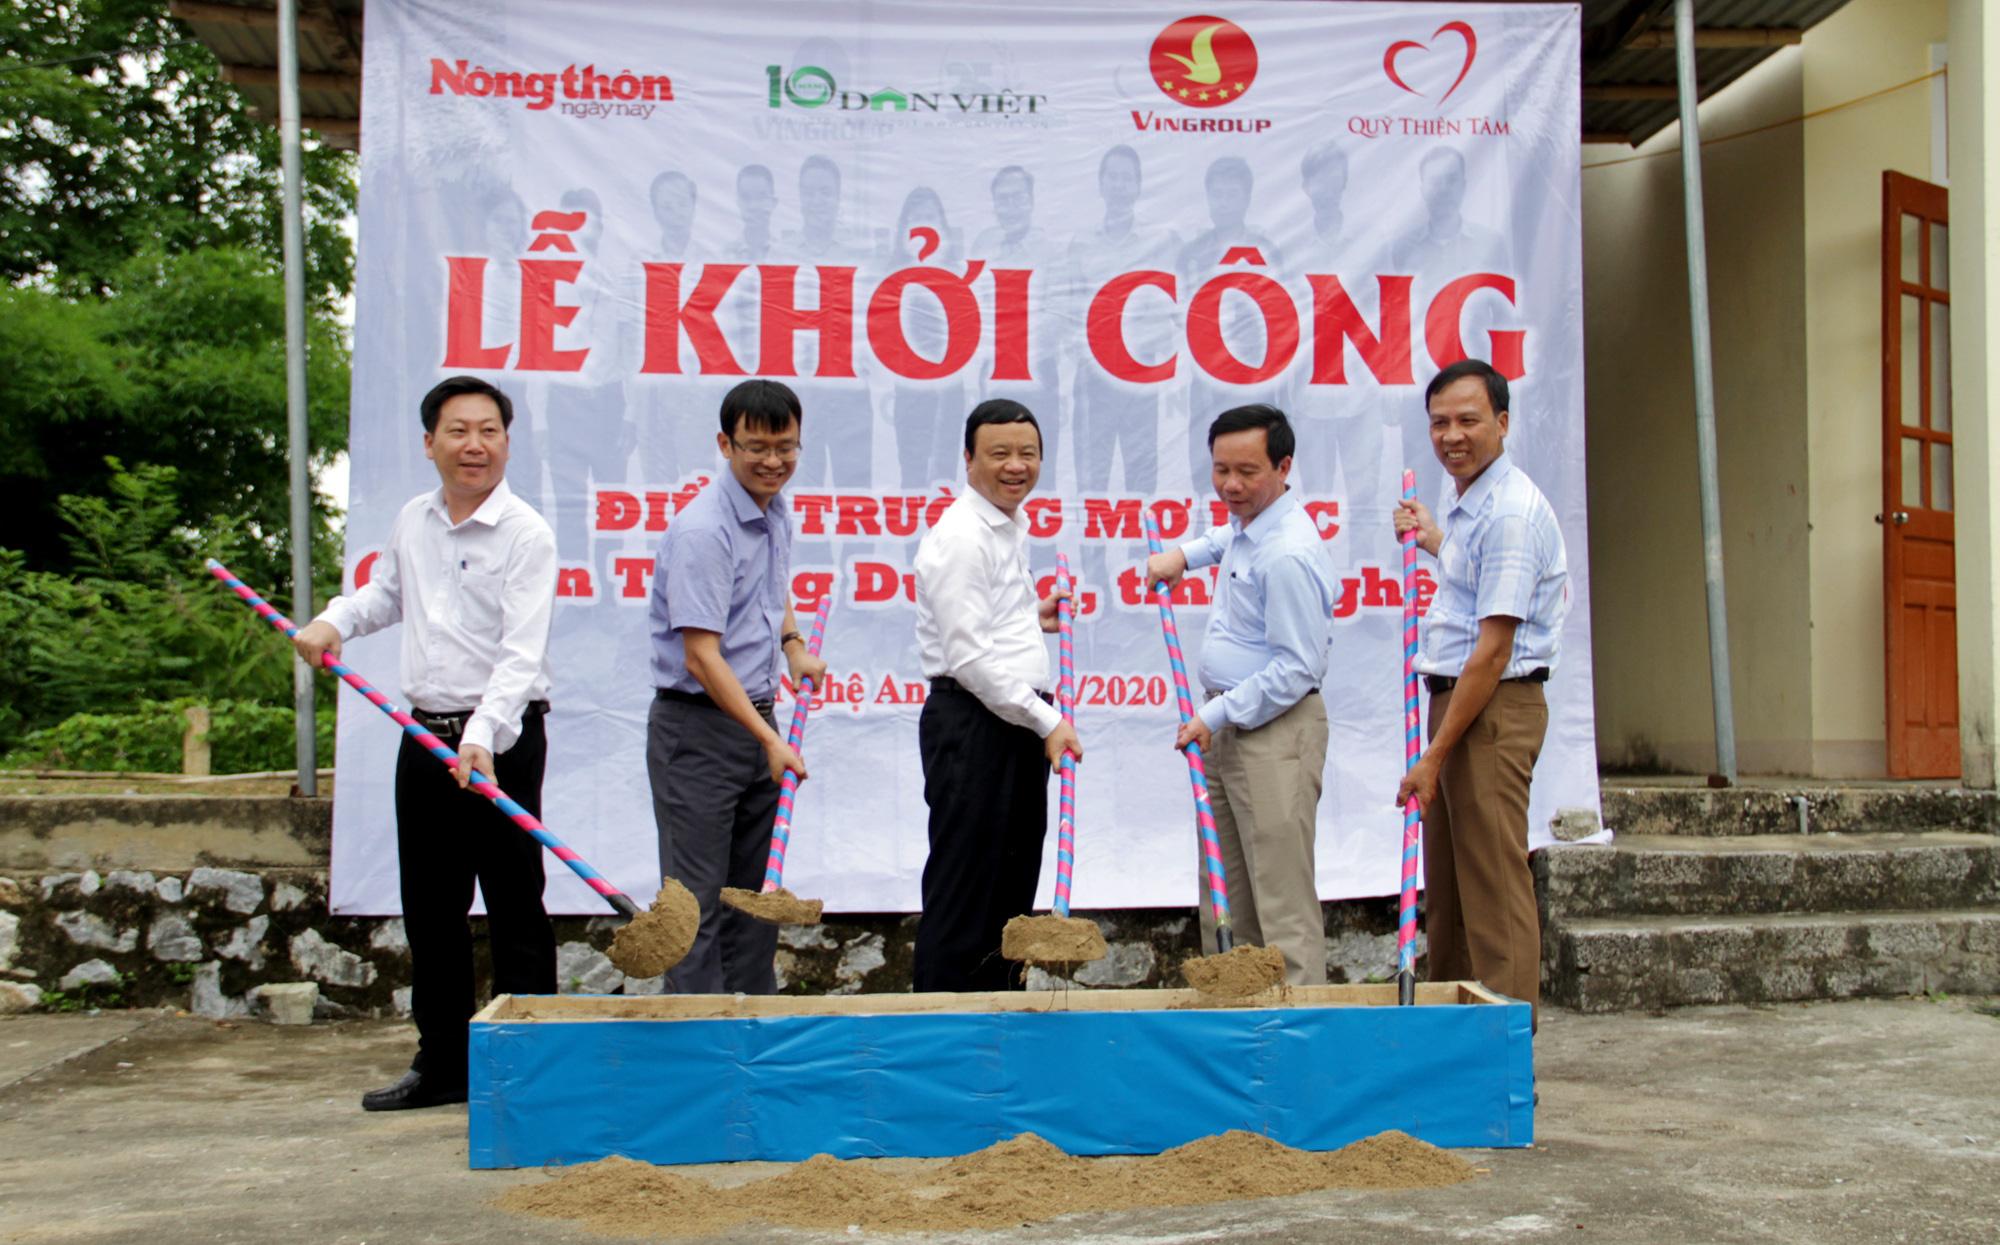 Báo NTNN/Báo Điện tử Dân Việt khởi công điểm trường mơ ước ở Nghệ An  - Ảnh 2.